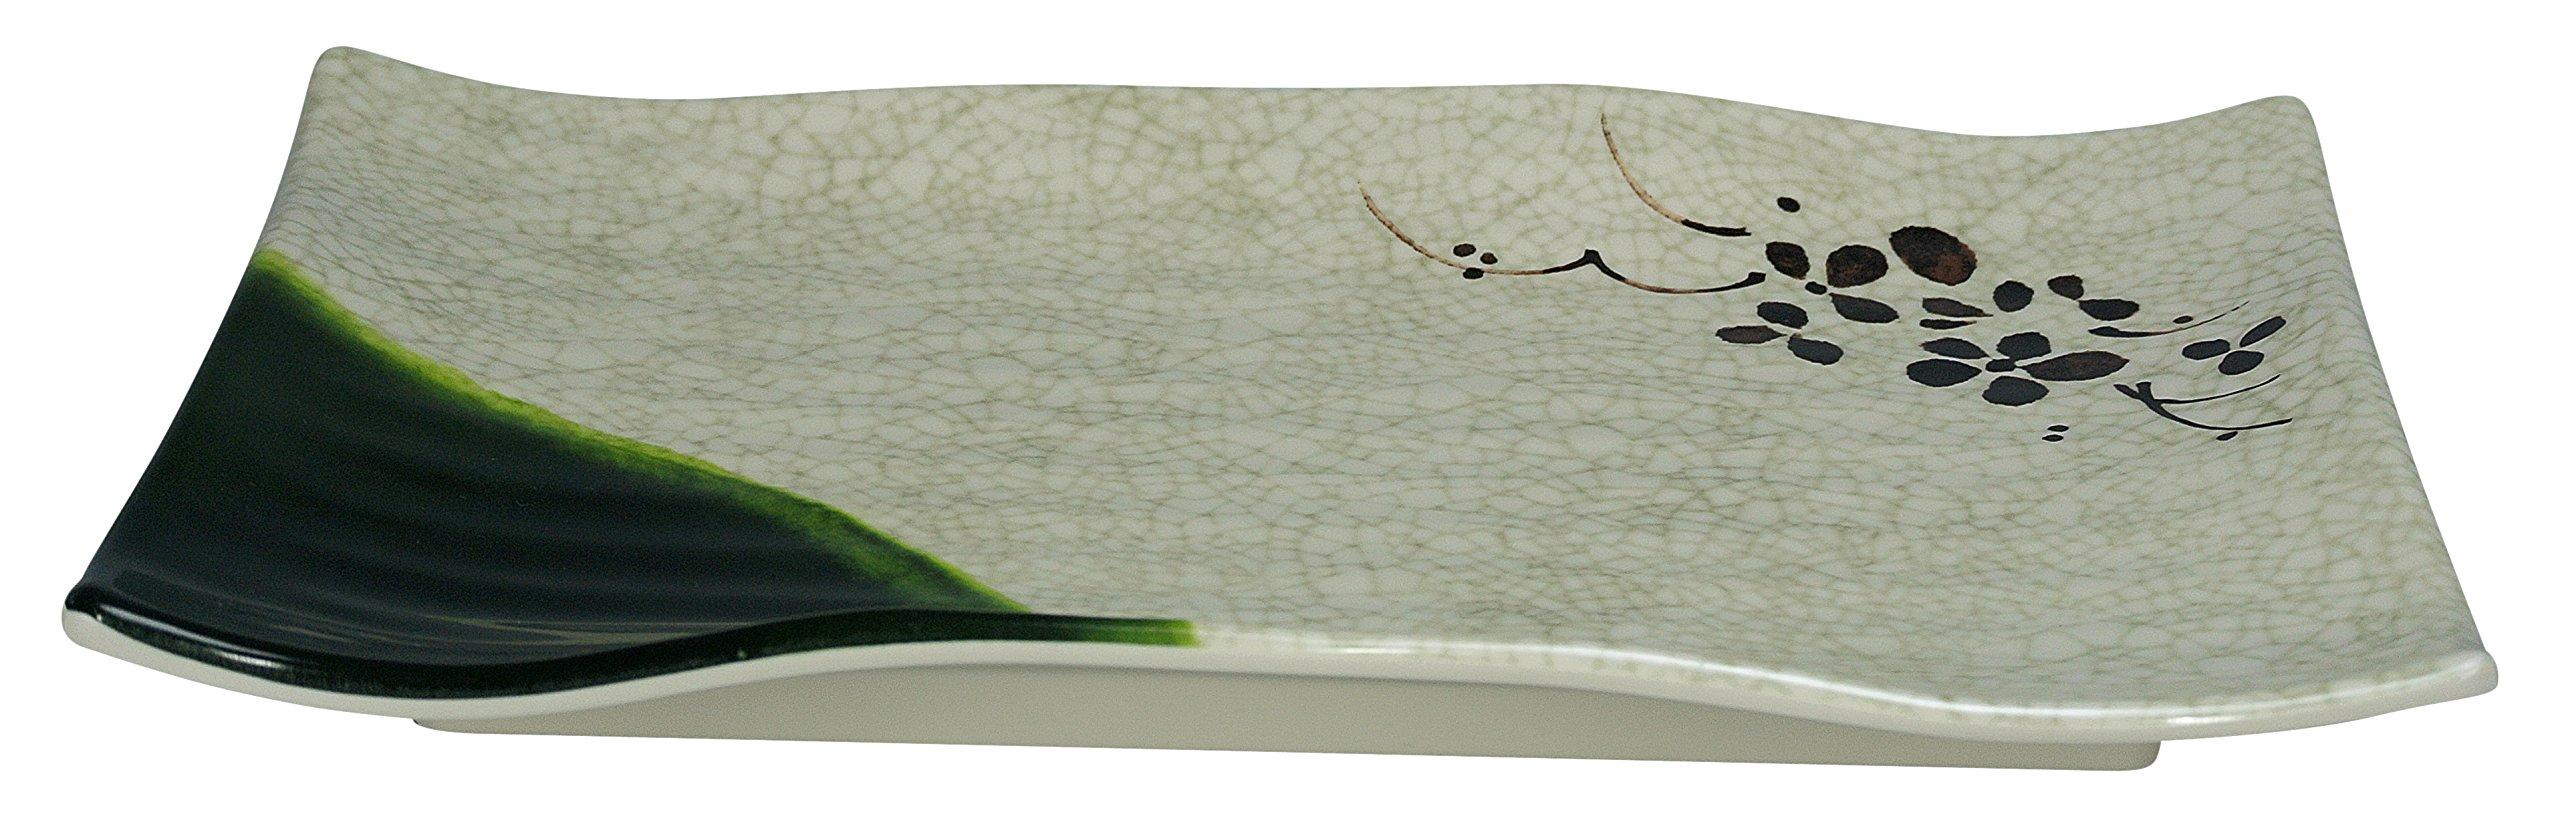 Yanco HO-2416 Honda Ripple Plate, Rectangular, 16'' Length, 5.5'' Width, Melamine, Pack of 12